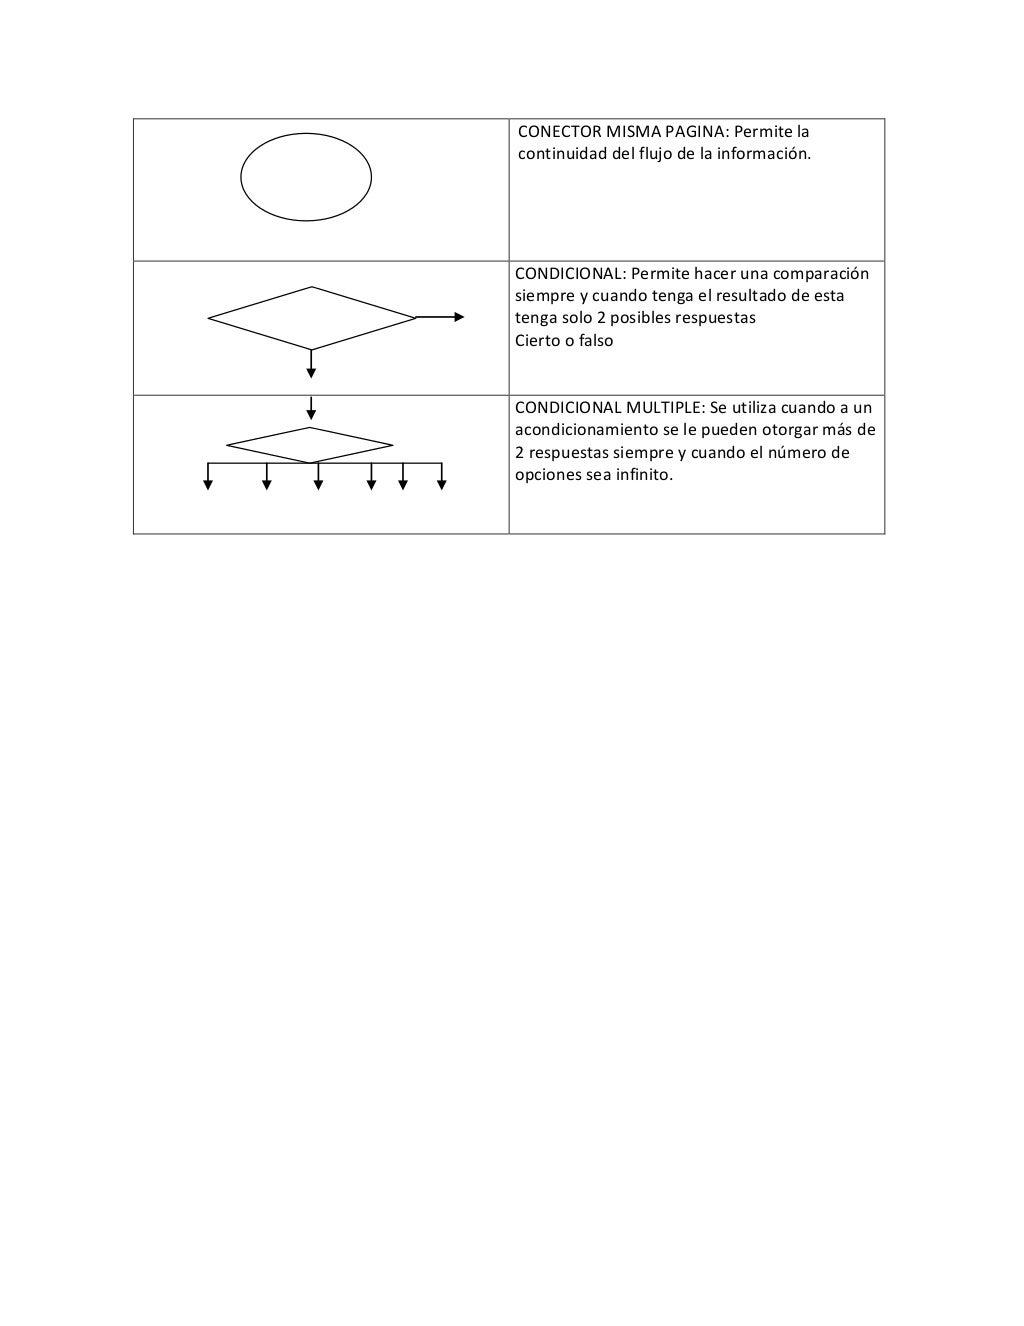 Diagrama de flujo simbologia ccuart Images